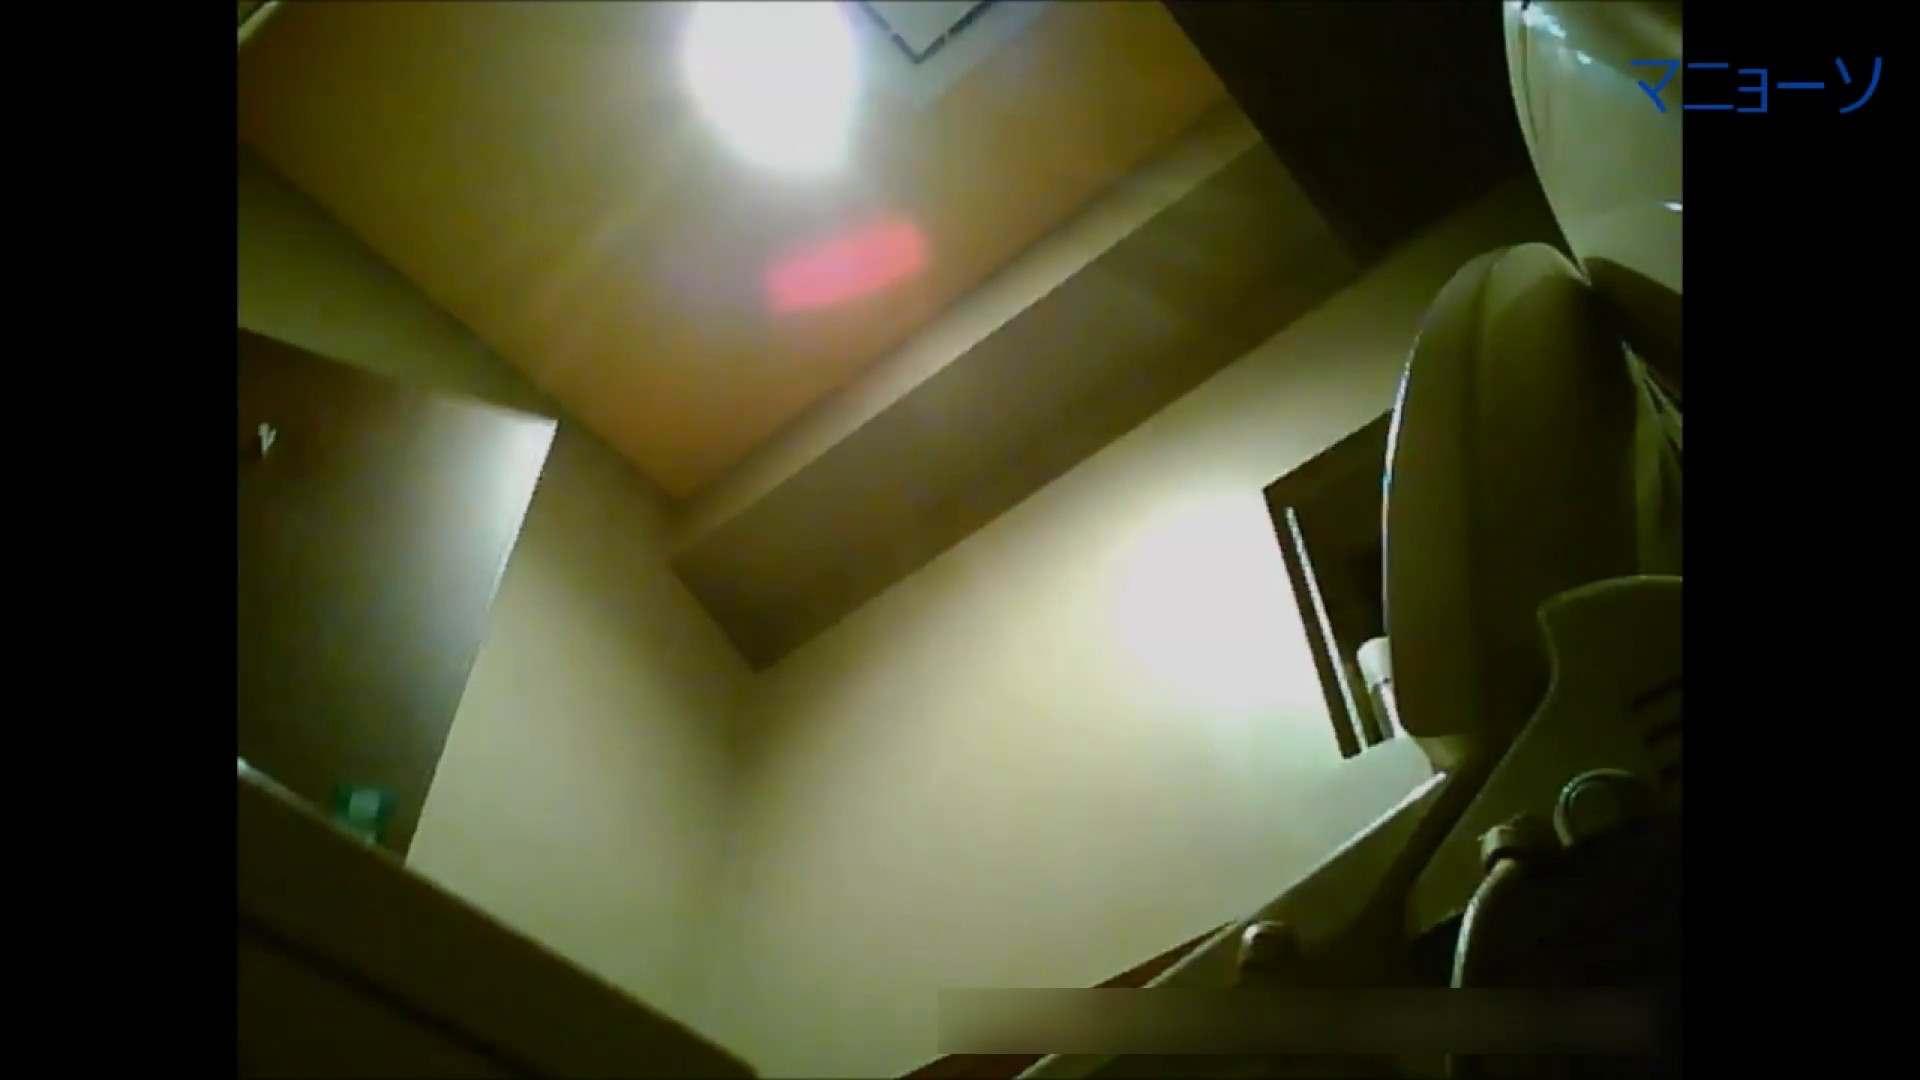 トイレでひと肌脱いでもらいました (JD編)Vol.01 トイレ中 | OL  67連発 58